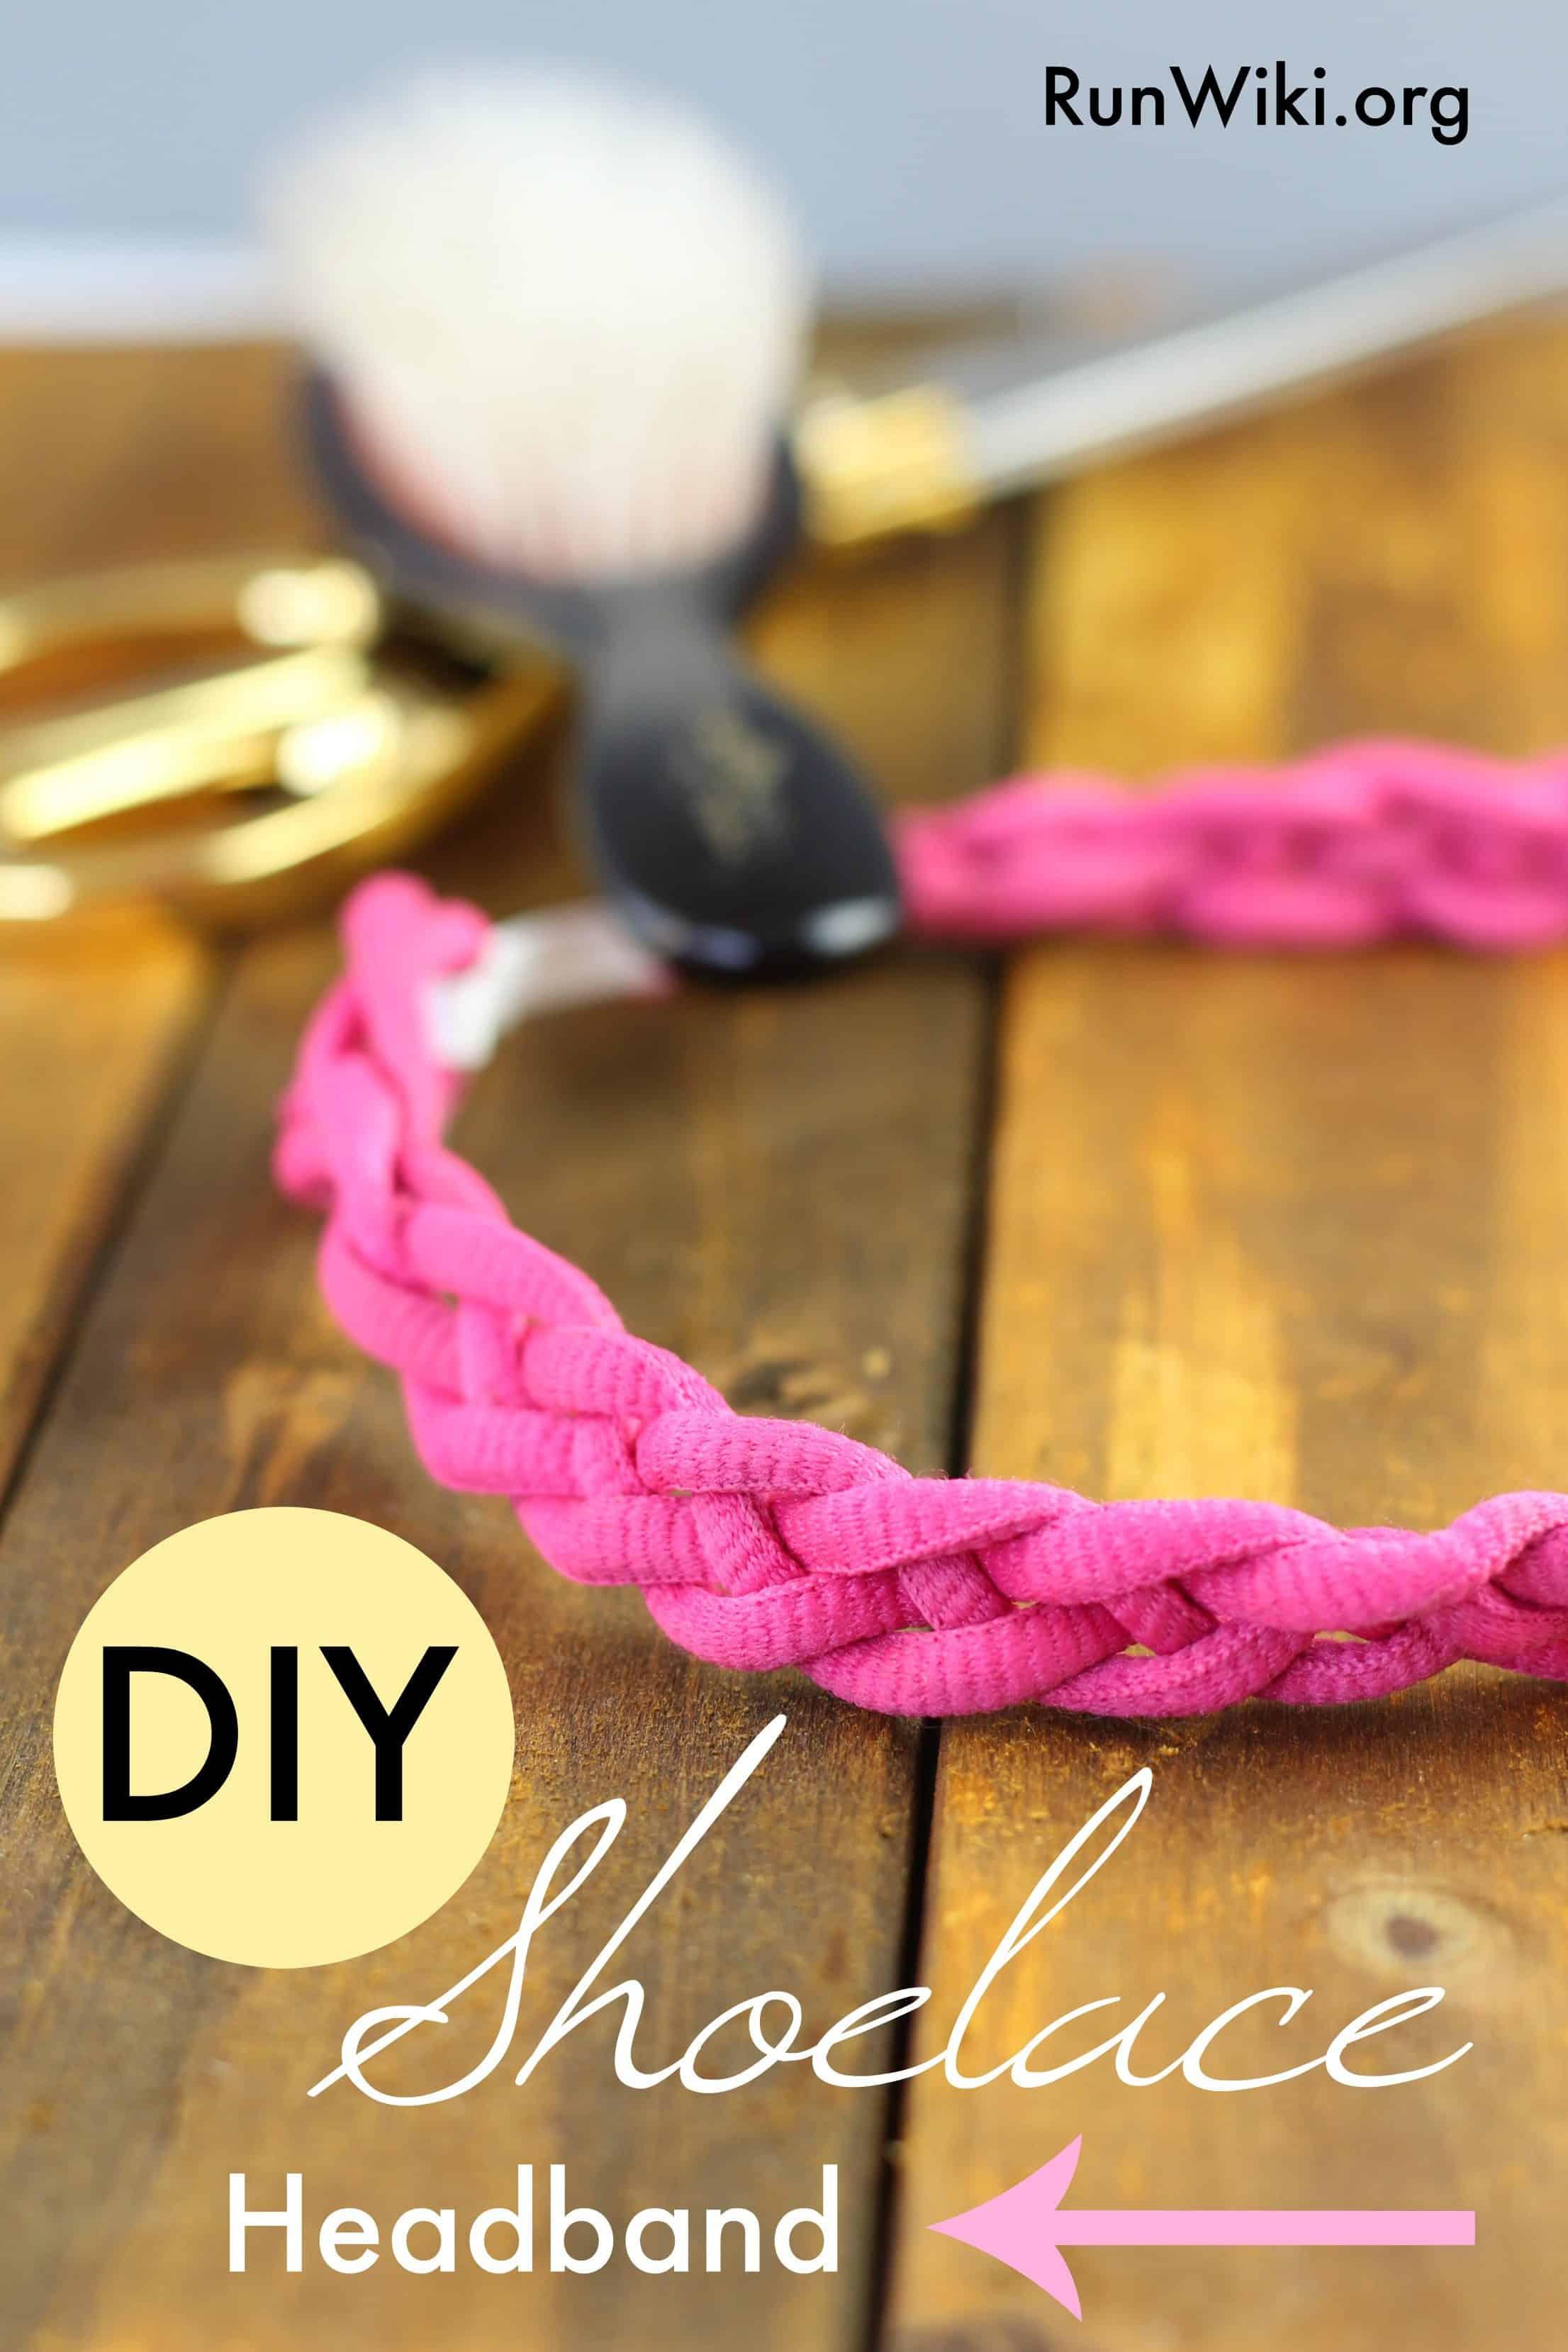 DIY shoelace hairband